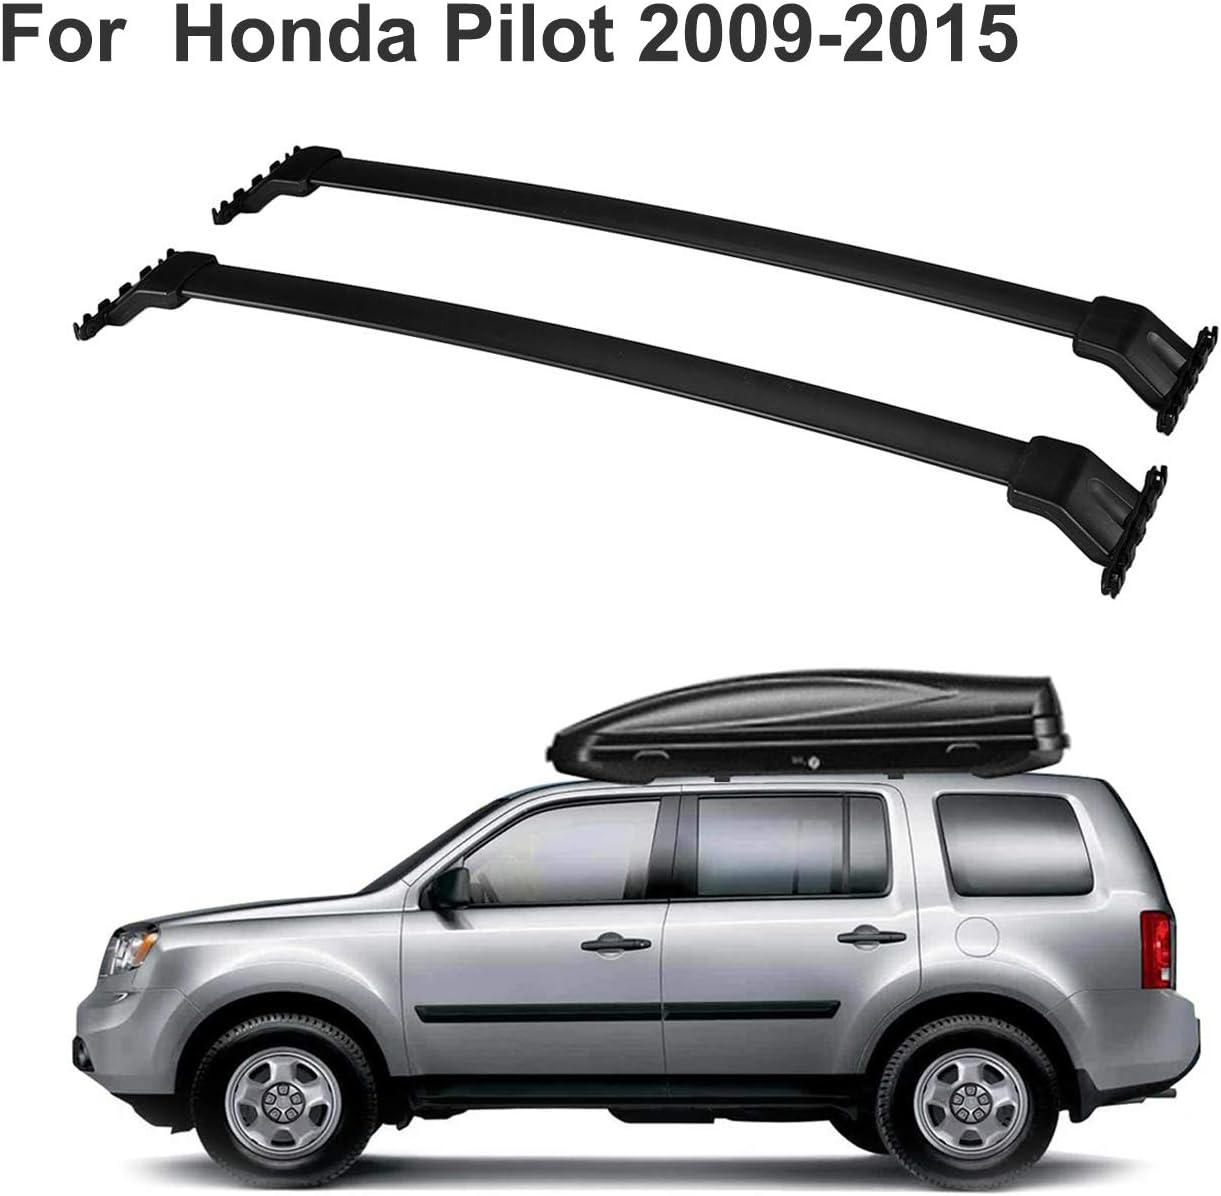 Fit For 2009 2015 Honda Pilot Roof Rack Side Rails Set Luggage Carrier Bar Us